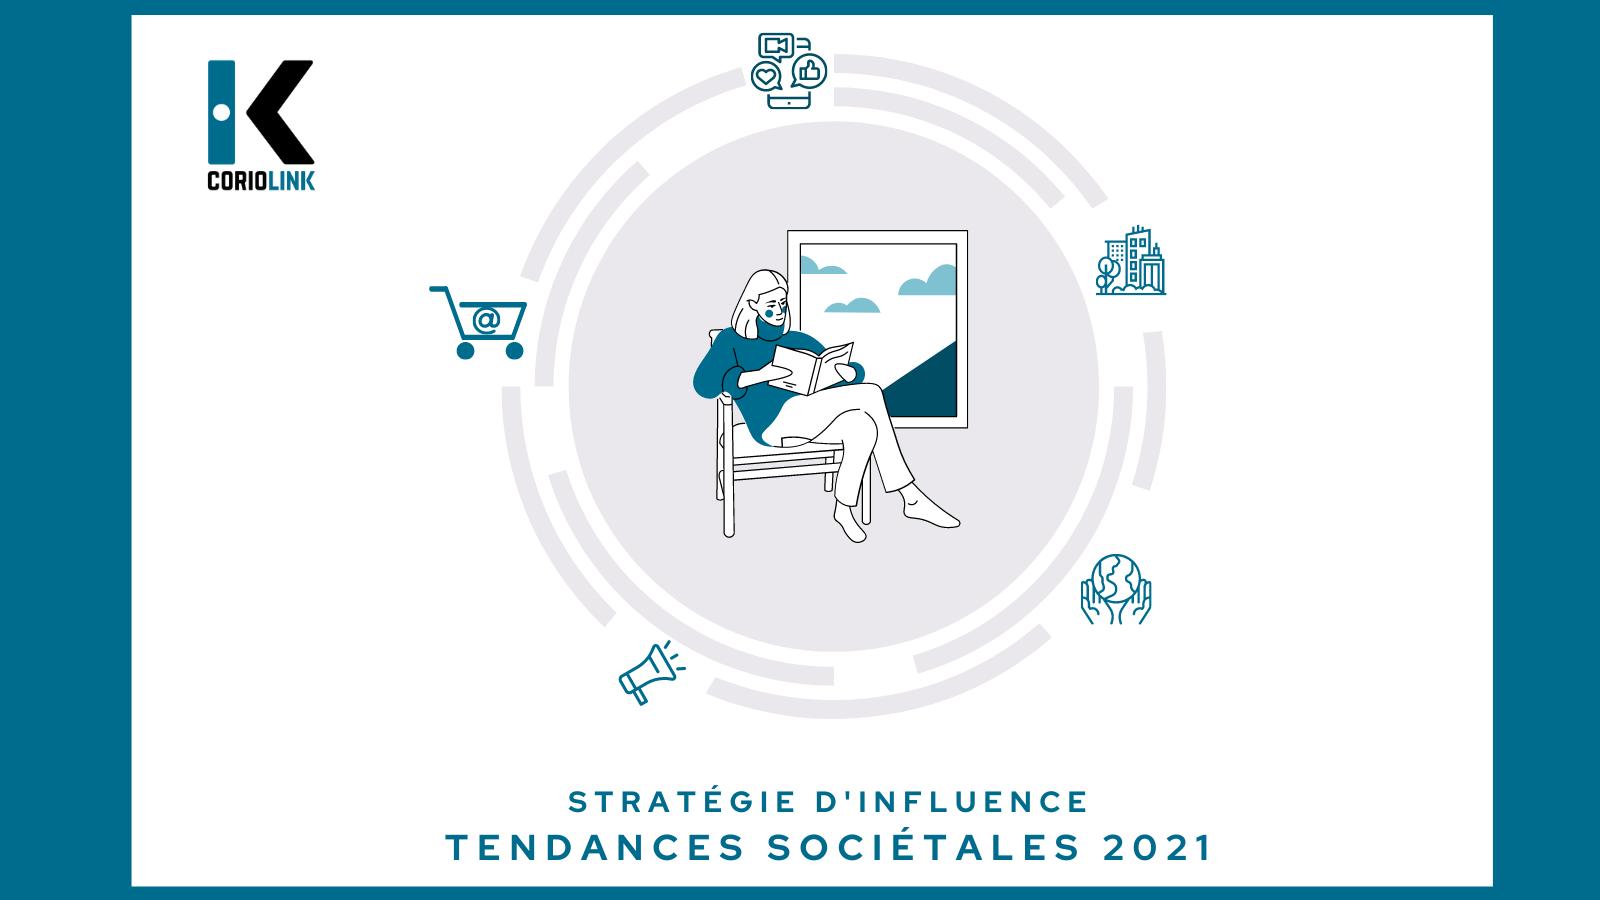 Stratégie d'influence, digital, urbanisation, ecologie, environnement